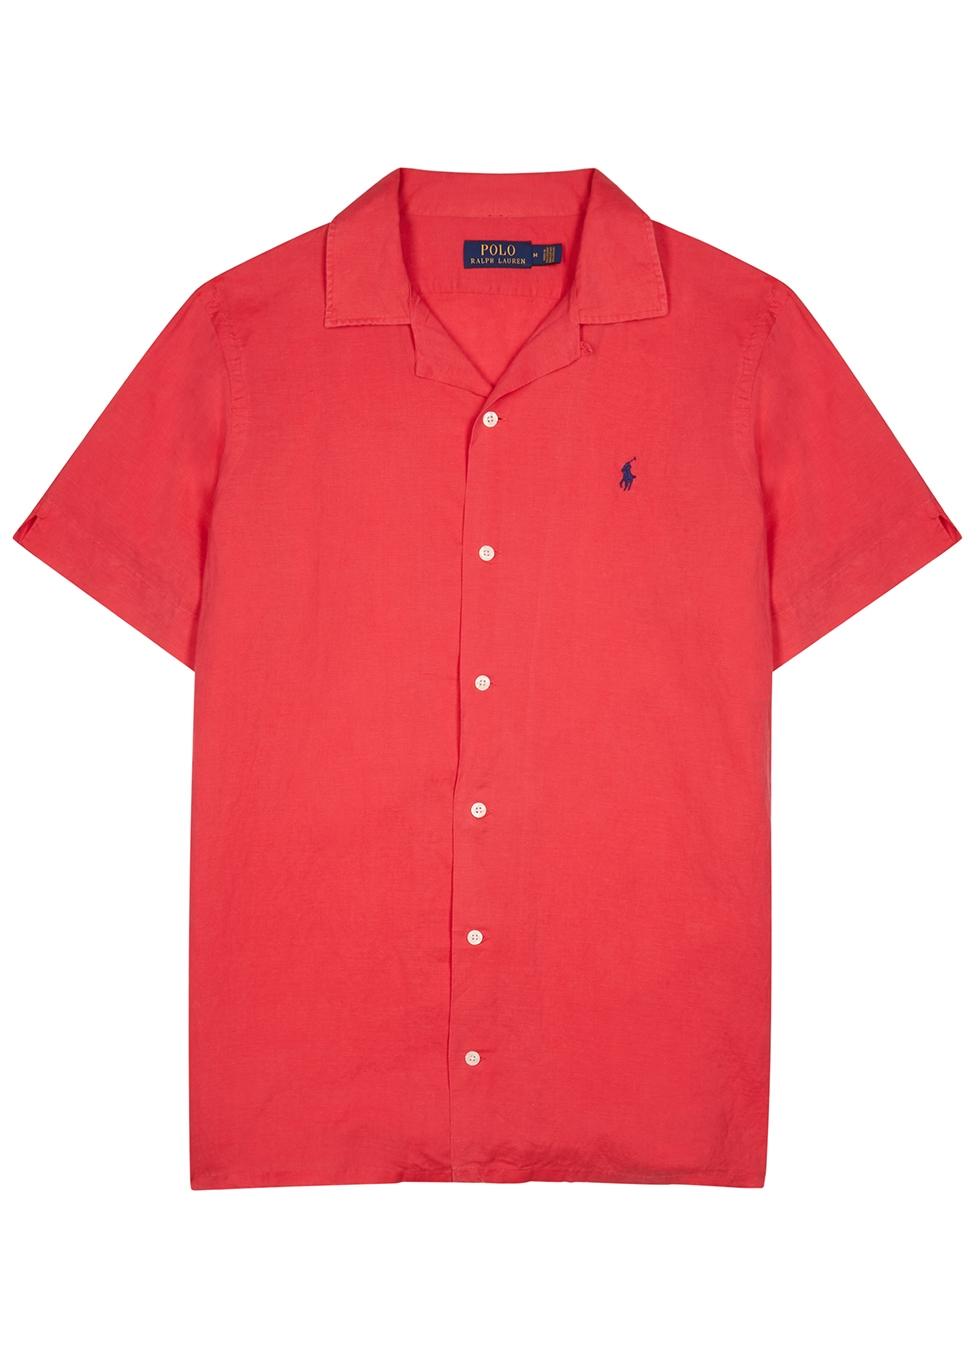 Red linen-blend shirt - Polo Ralph Lauren